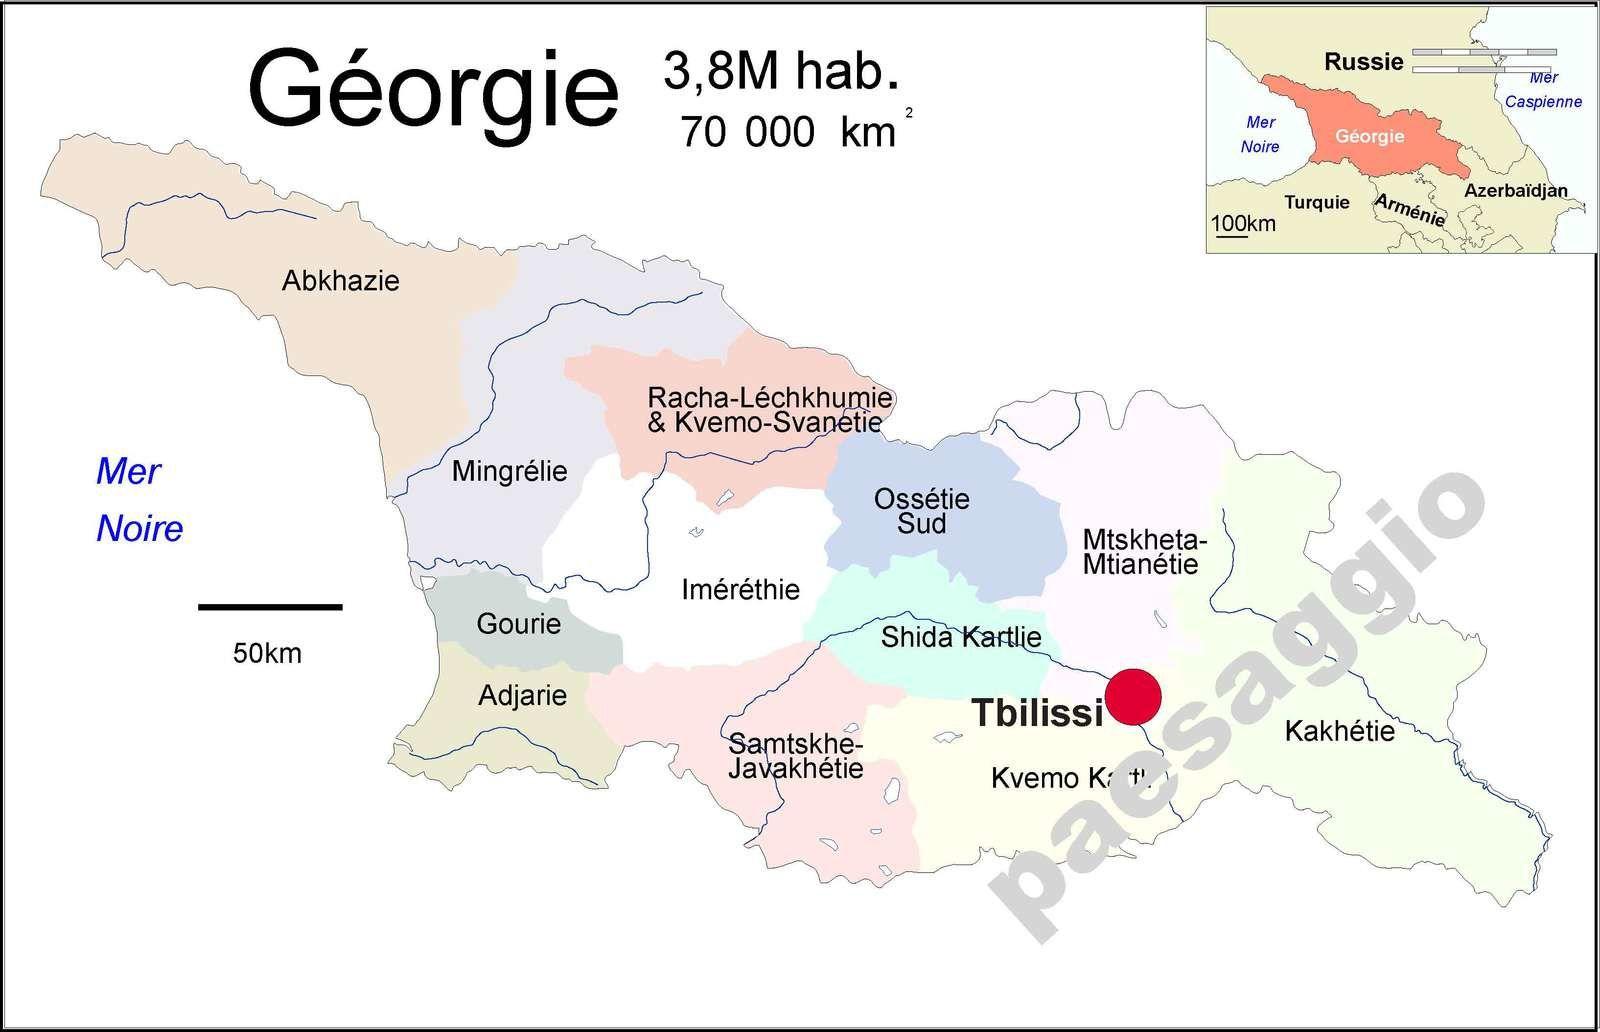 La Géorgie est un pays du Caucase  qui a résisté à toutes les grandes invasions